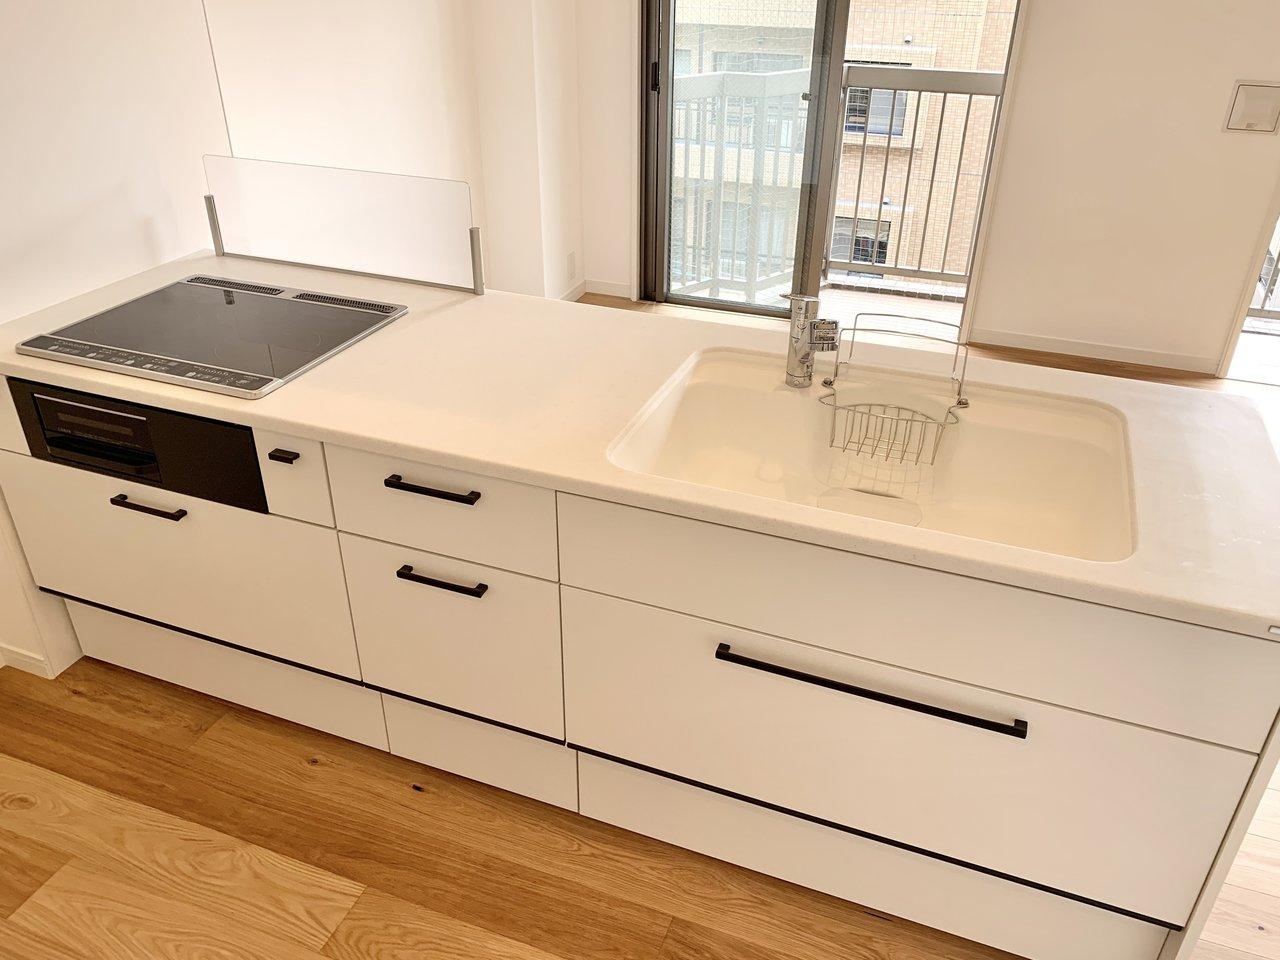 対面式キッチンは2口IH+ラジエントに新品交換。親子で一緒に調理をするときにもスムーズに動けるサイズです。